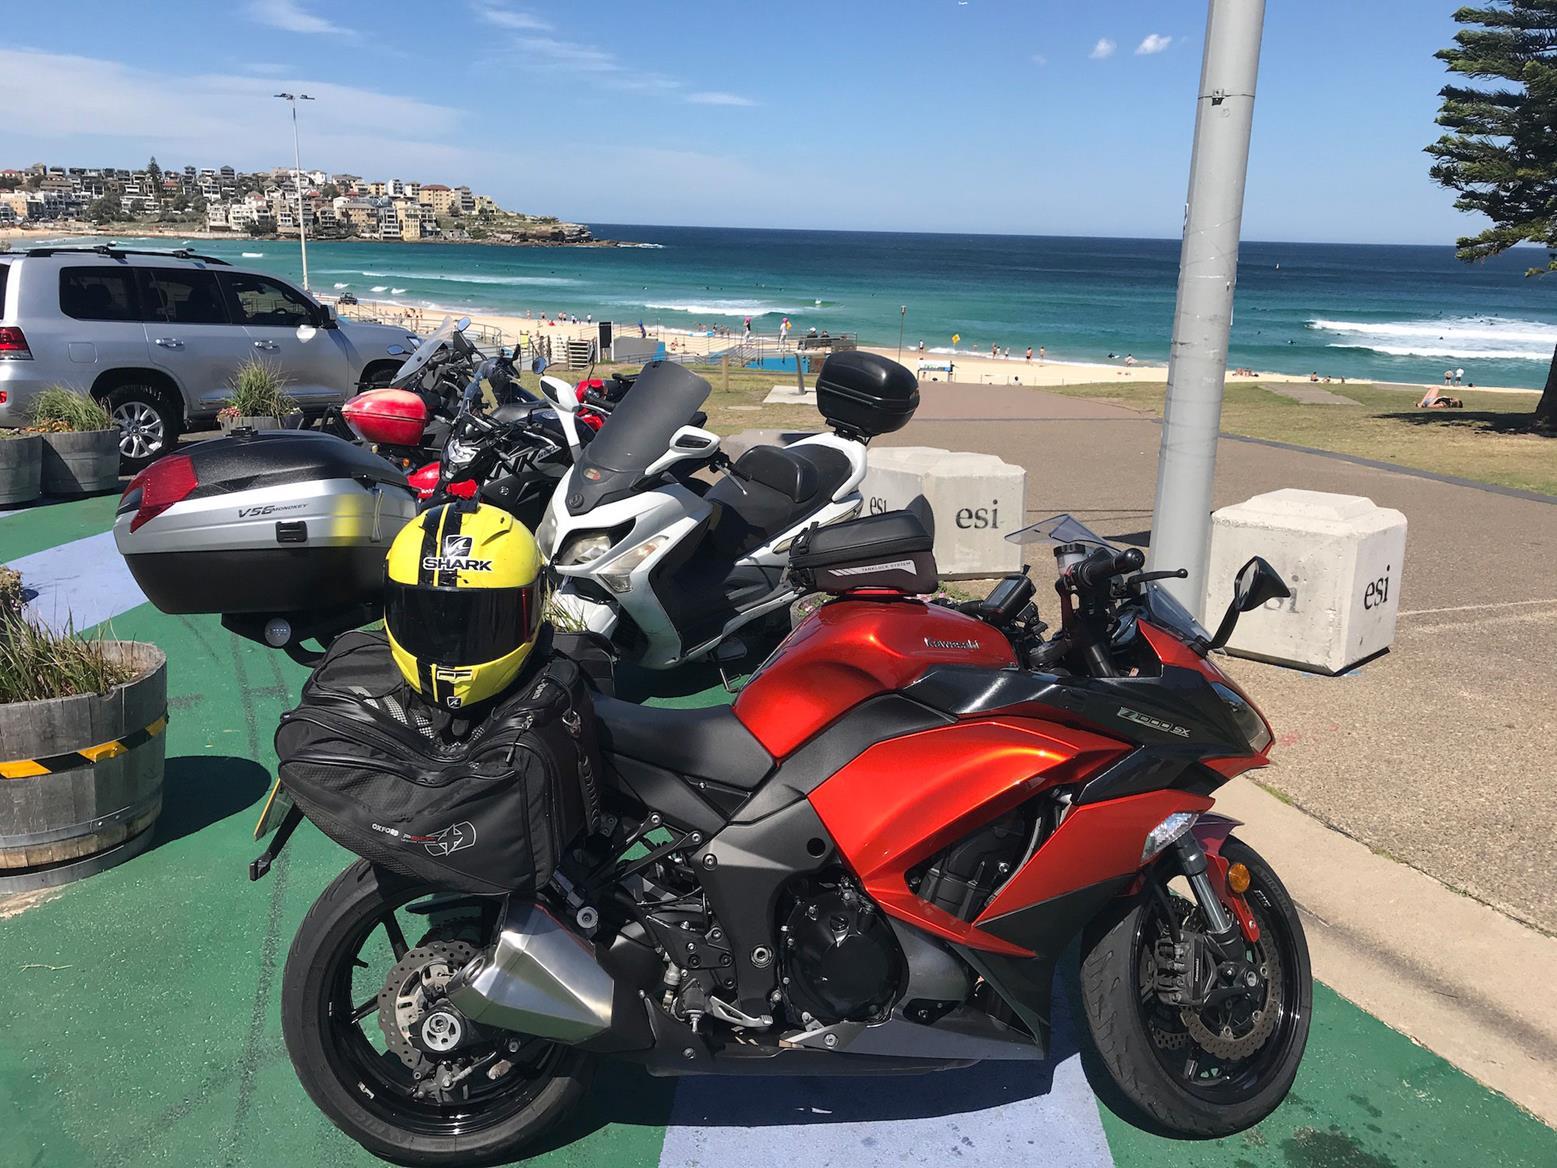 Simon's Kawasaki Z1000SX at Bondi Beach